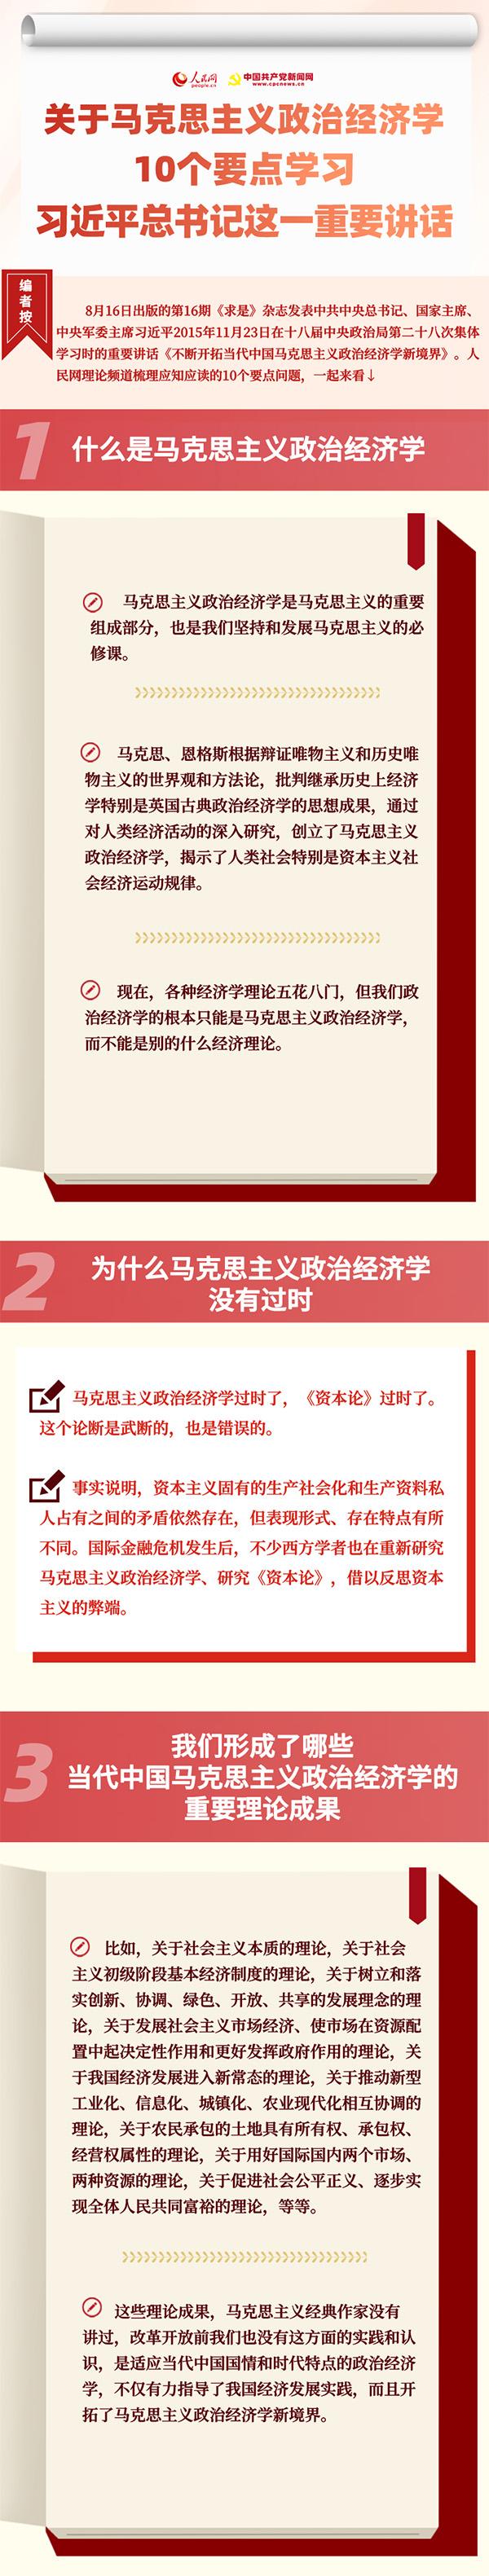 关于马克思主义政治经济学,10个要点学习习近平总书记这一重